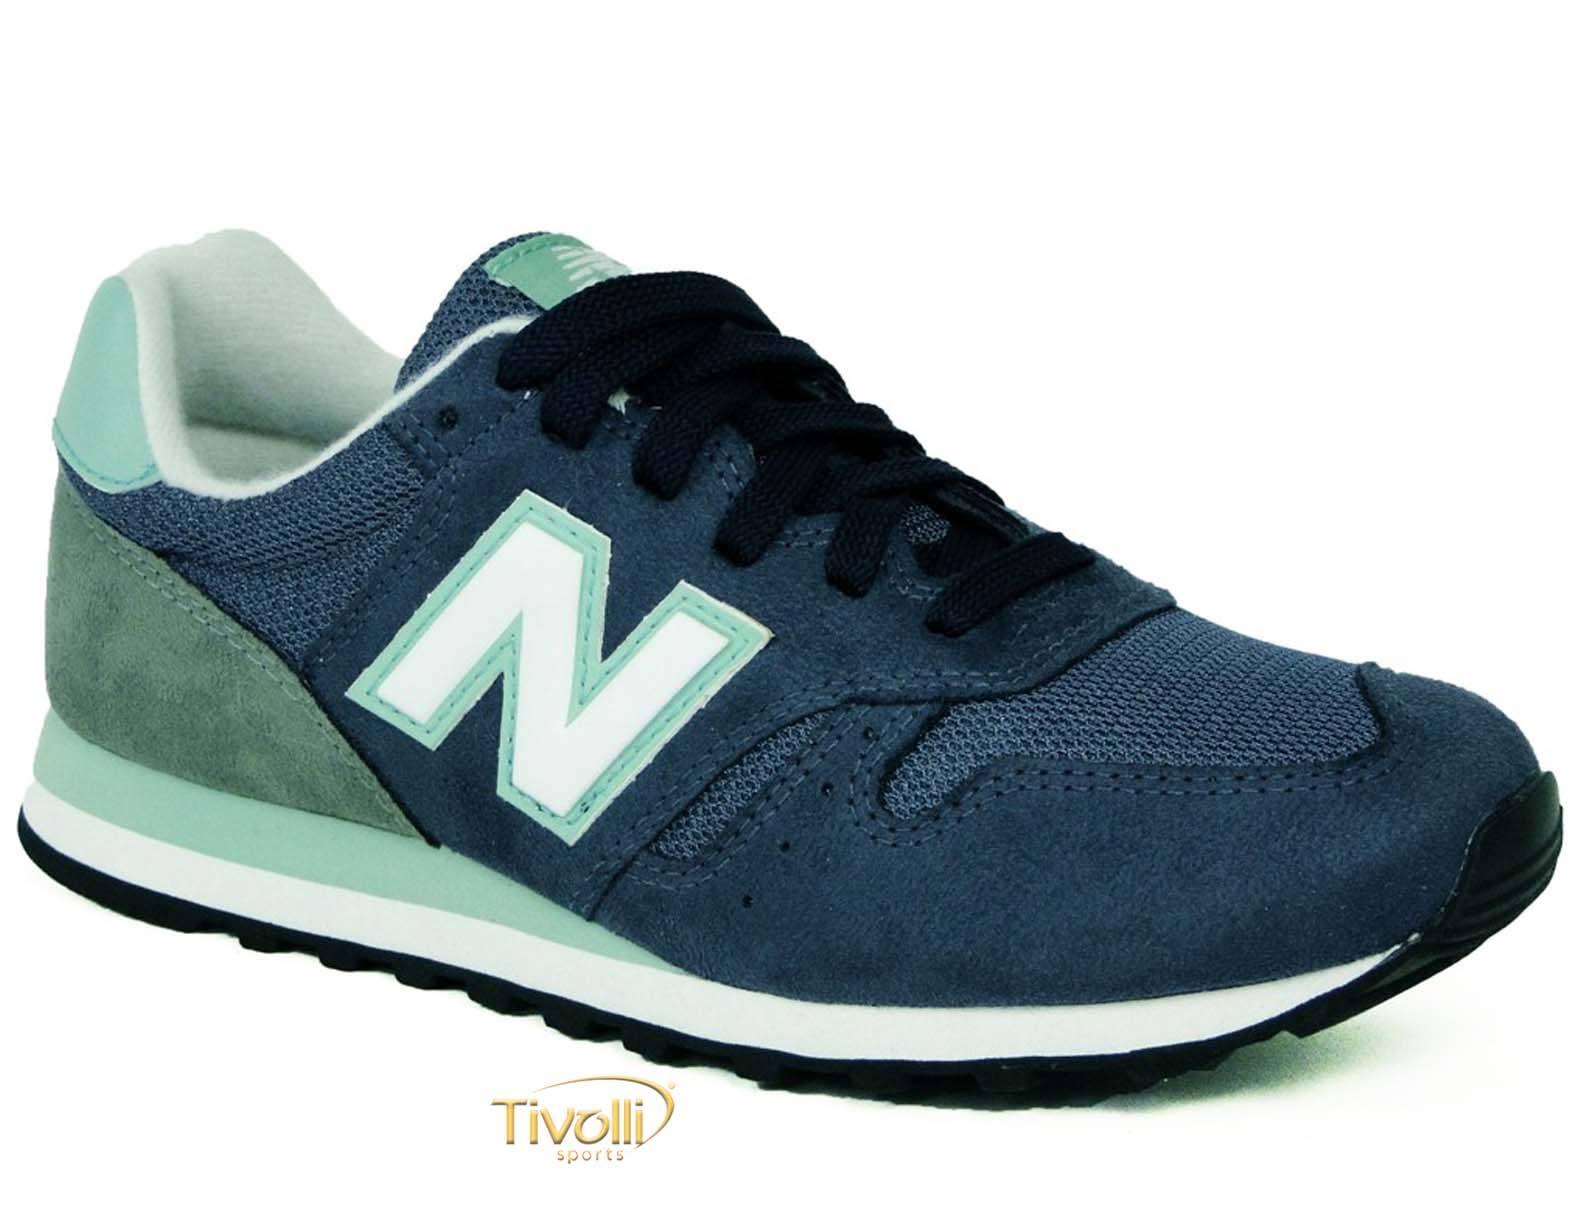 5e0600766d8 Tênis New Balance W373NGB   Azul Marinho e Verde - Tamanho 34 ao 39